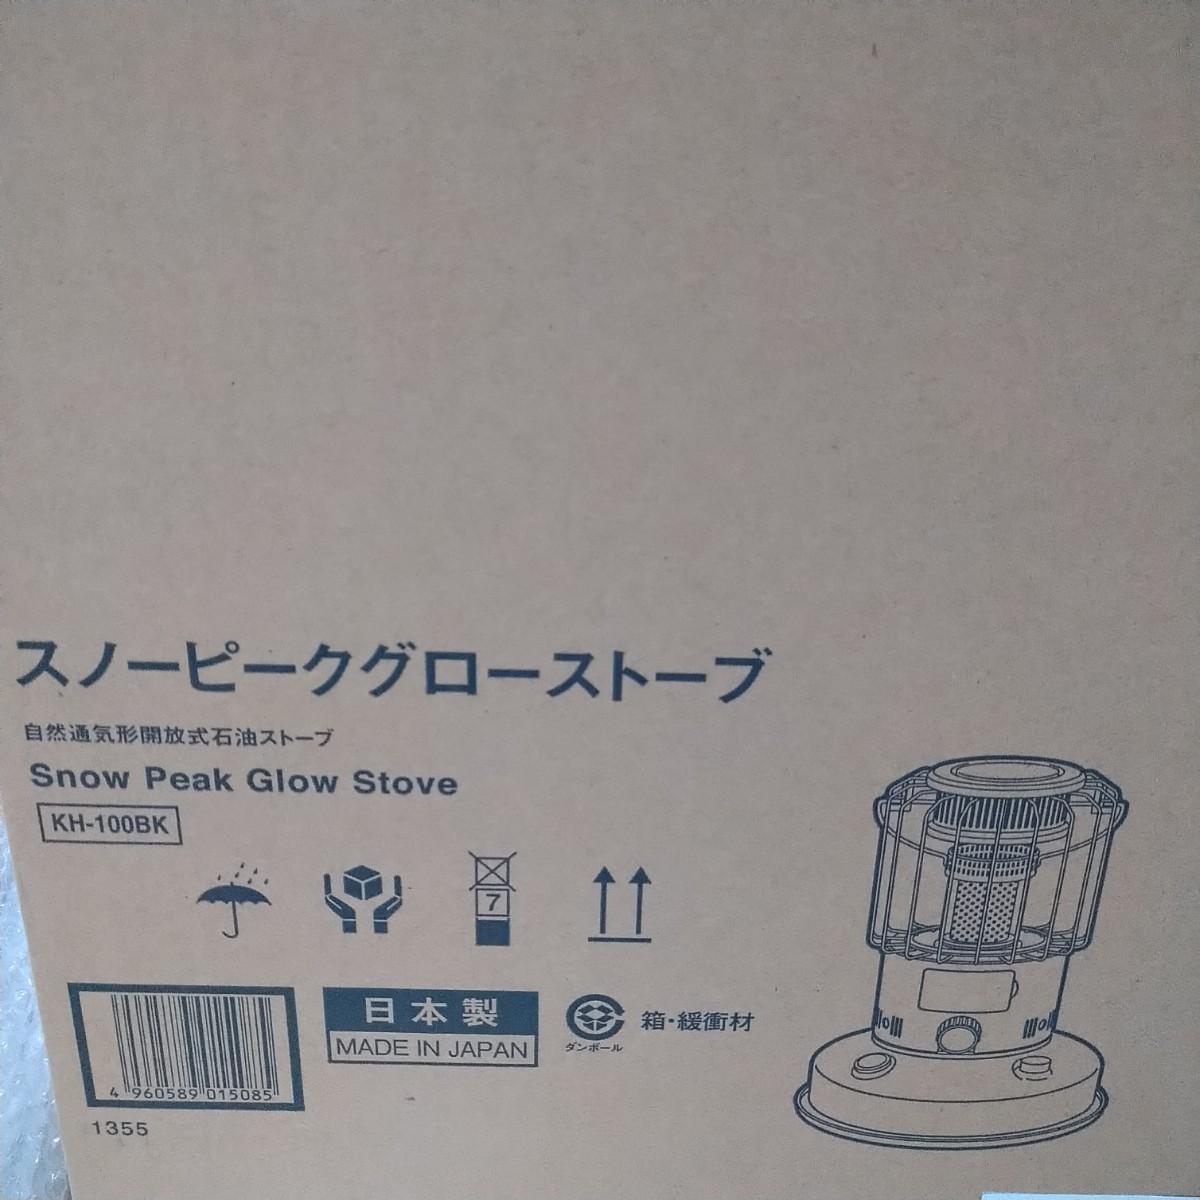 スノーピーク(snow peak) スノーピークグローストーブ KH-100BK☆新品未使用